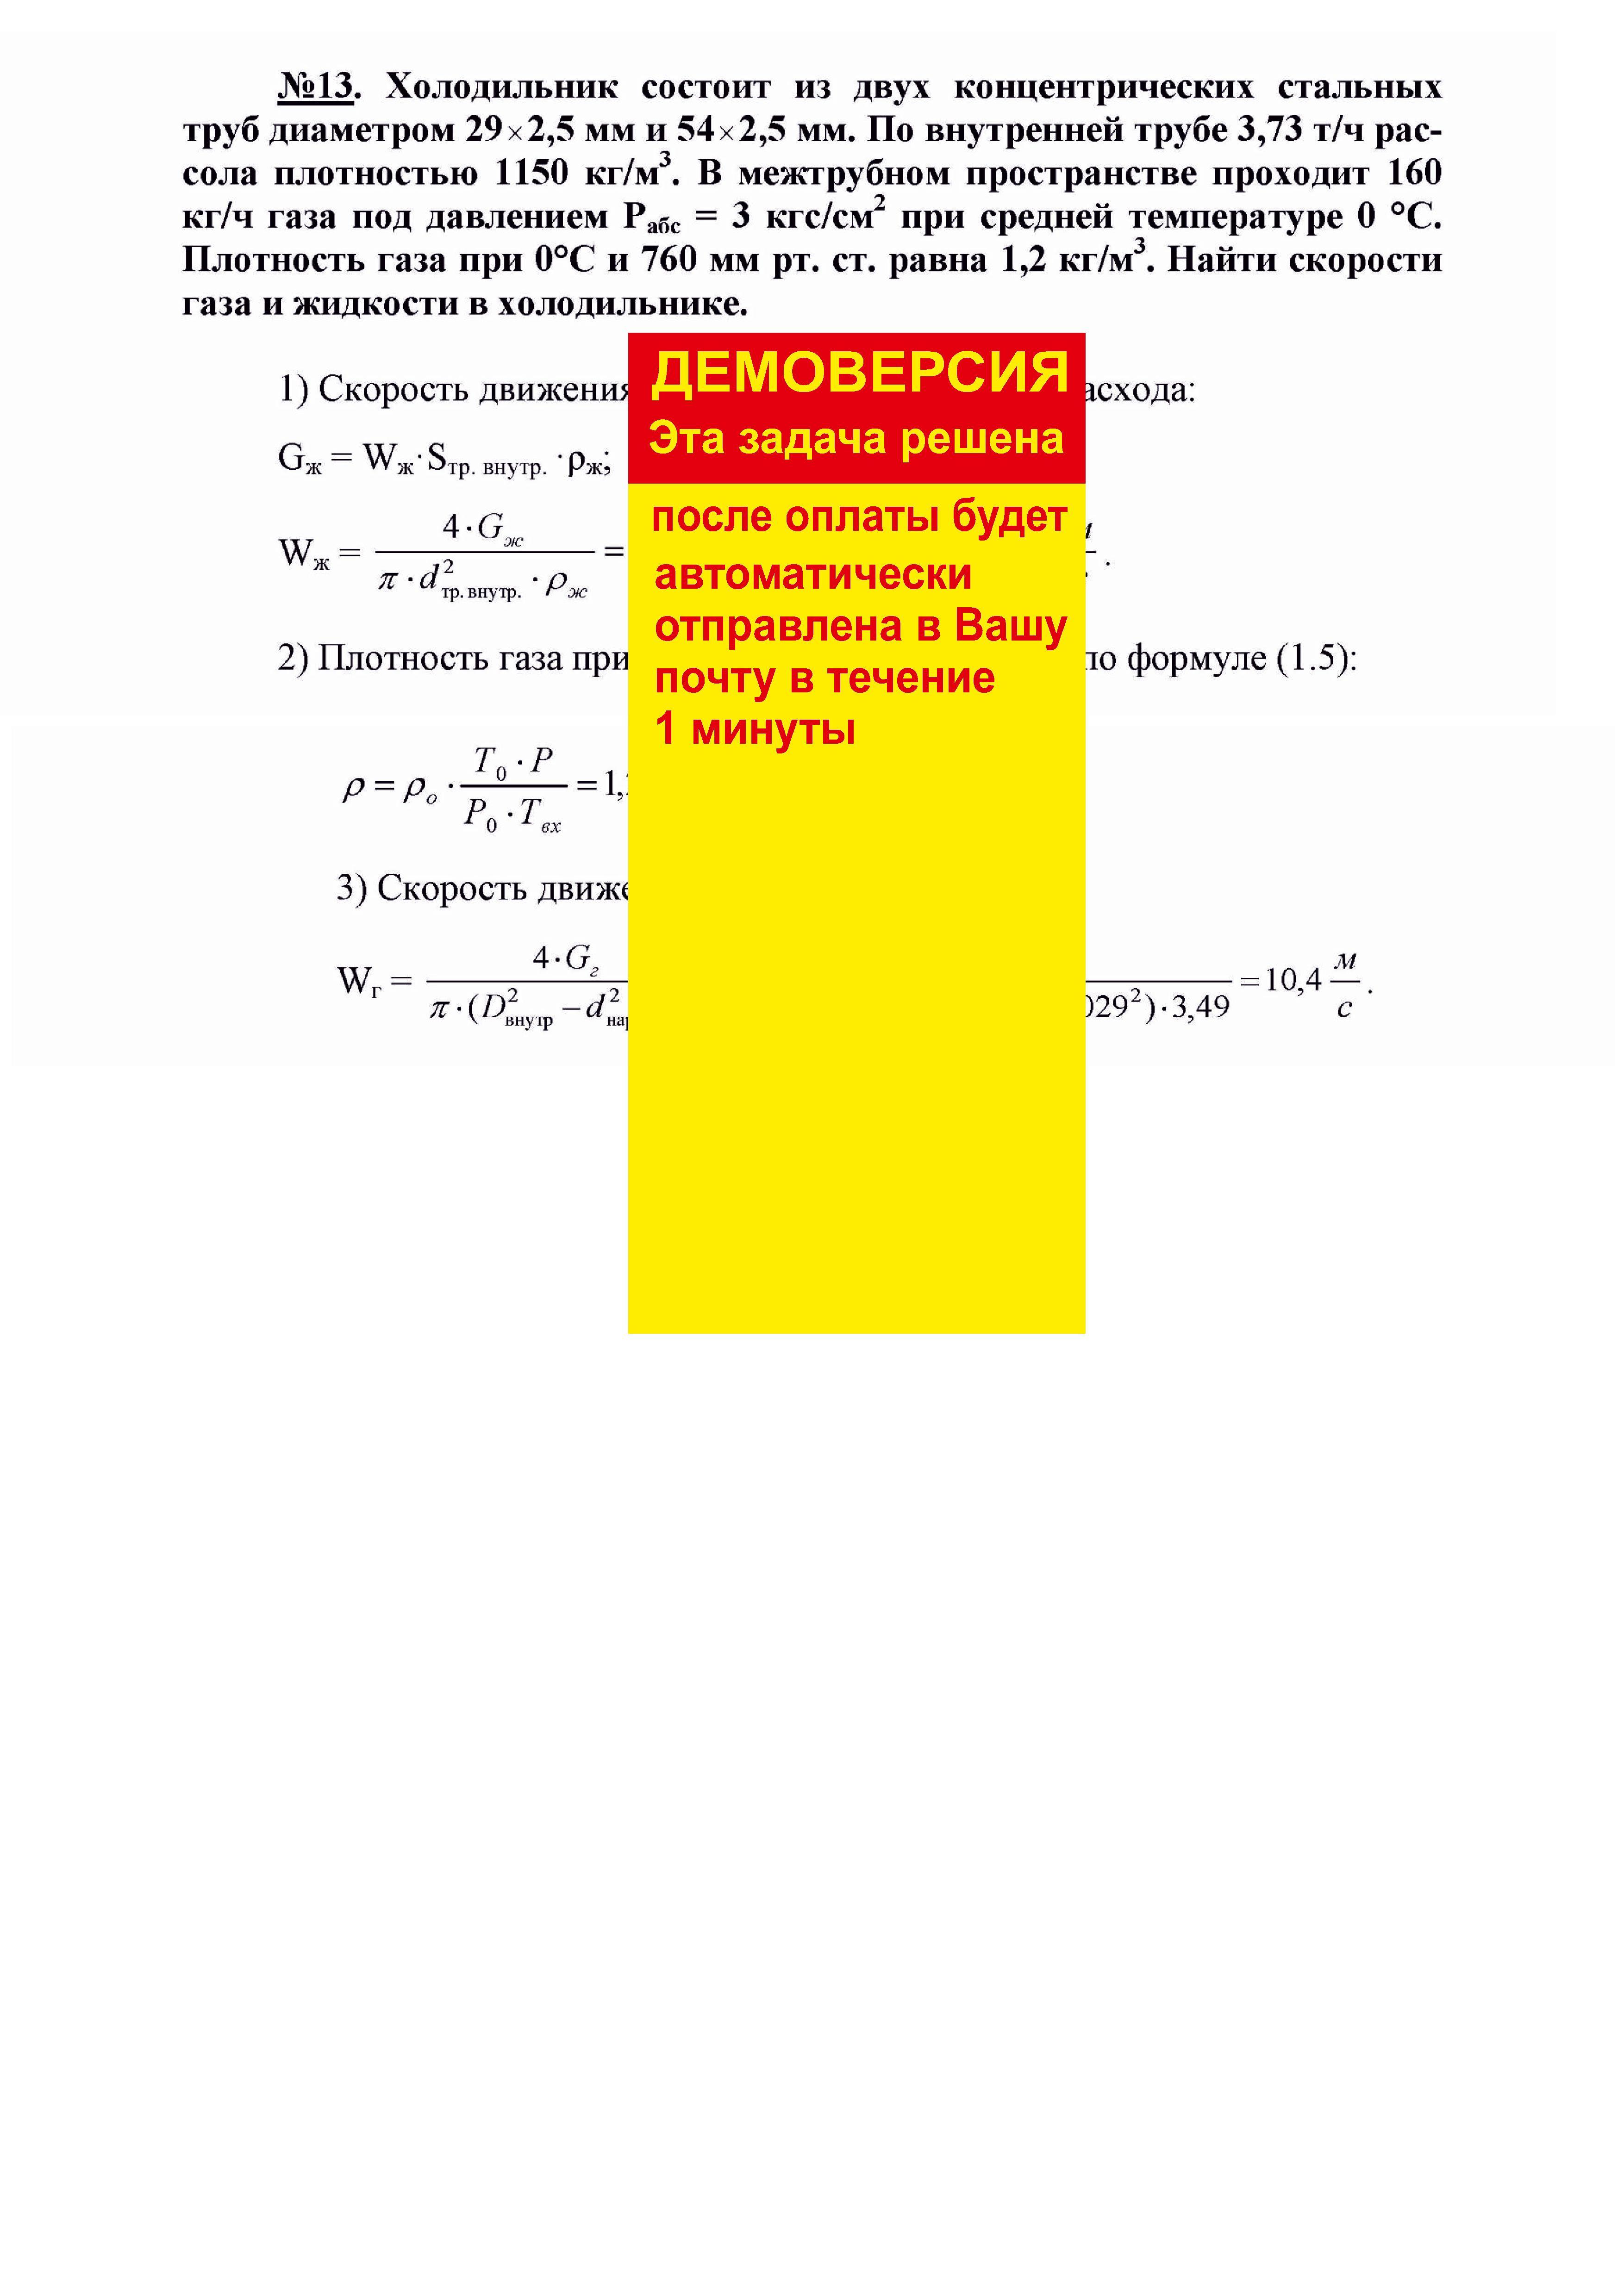 Решение задачи 1.13 по ПАХТ из задачника Павлова Романкова Носкова